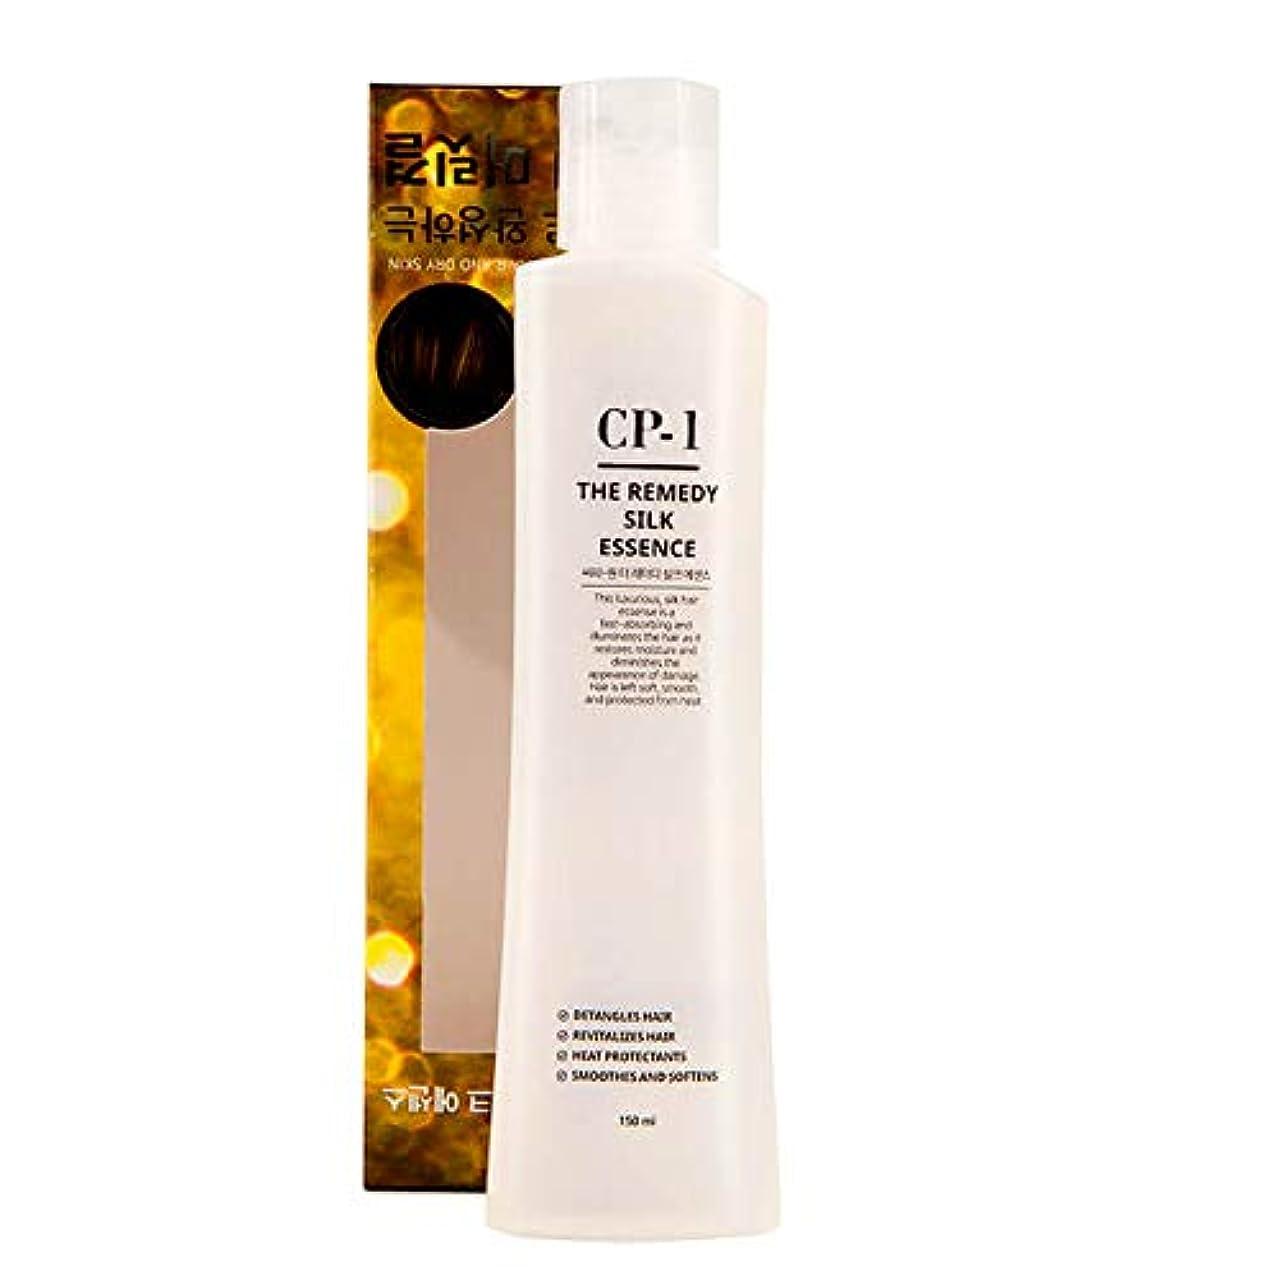 絵いとこ誰のEsthetic House[エステティックハウス] CP-1 治療シルクエッセンス 150ml (傷んだ髪や乾燥肌の韓国のヘアケアに) / The Remedy Silk Essence